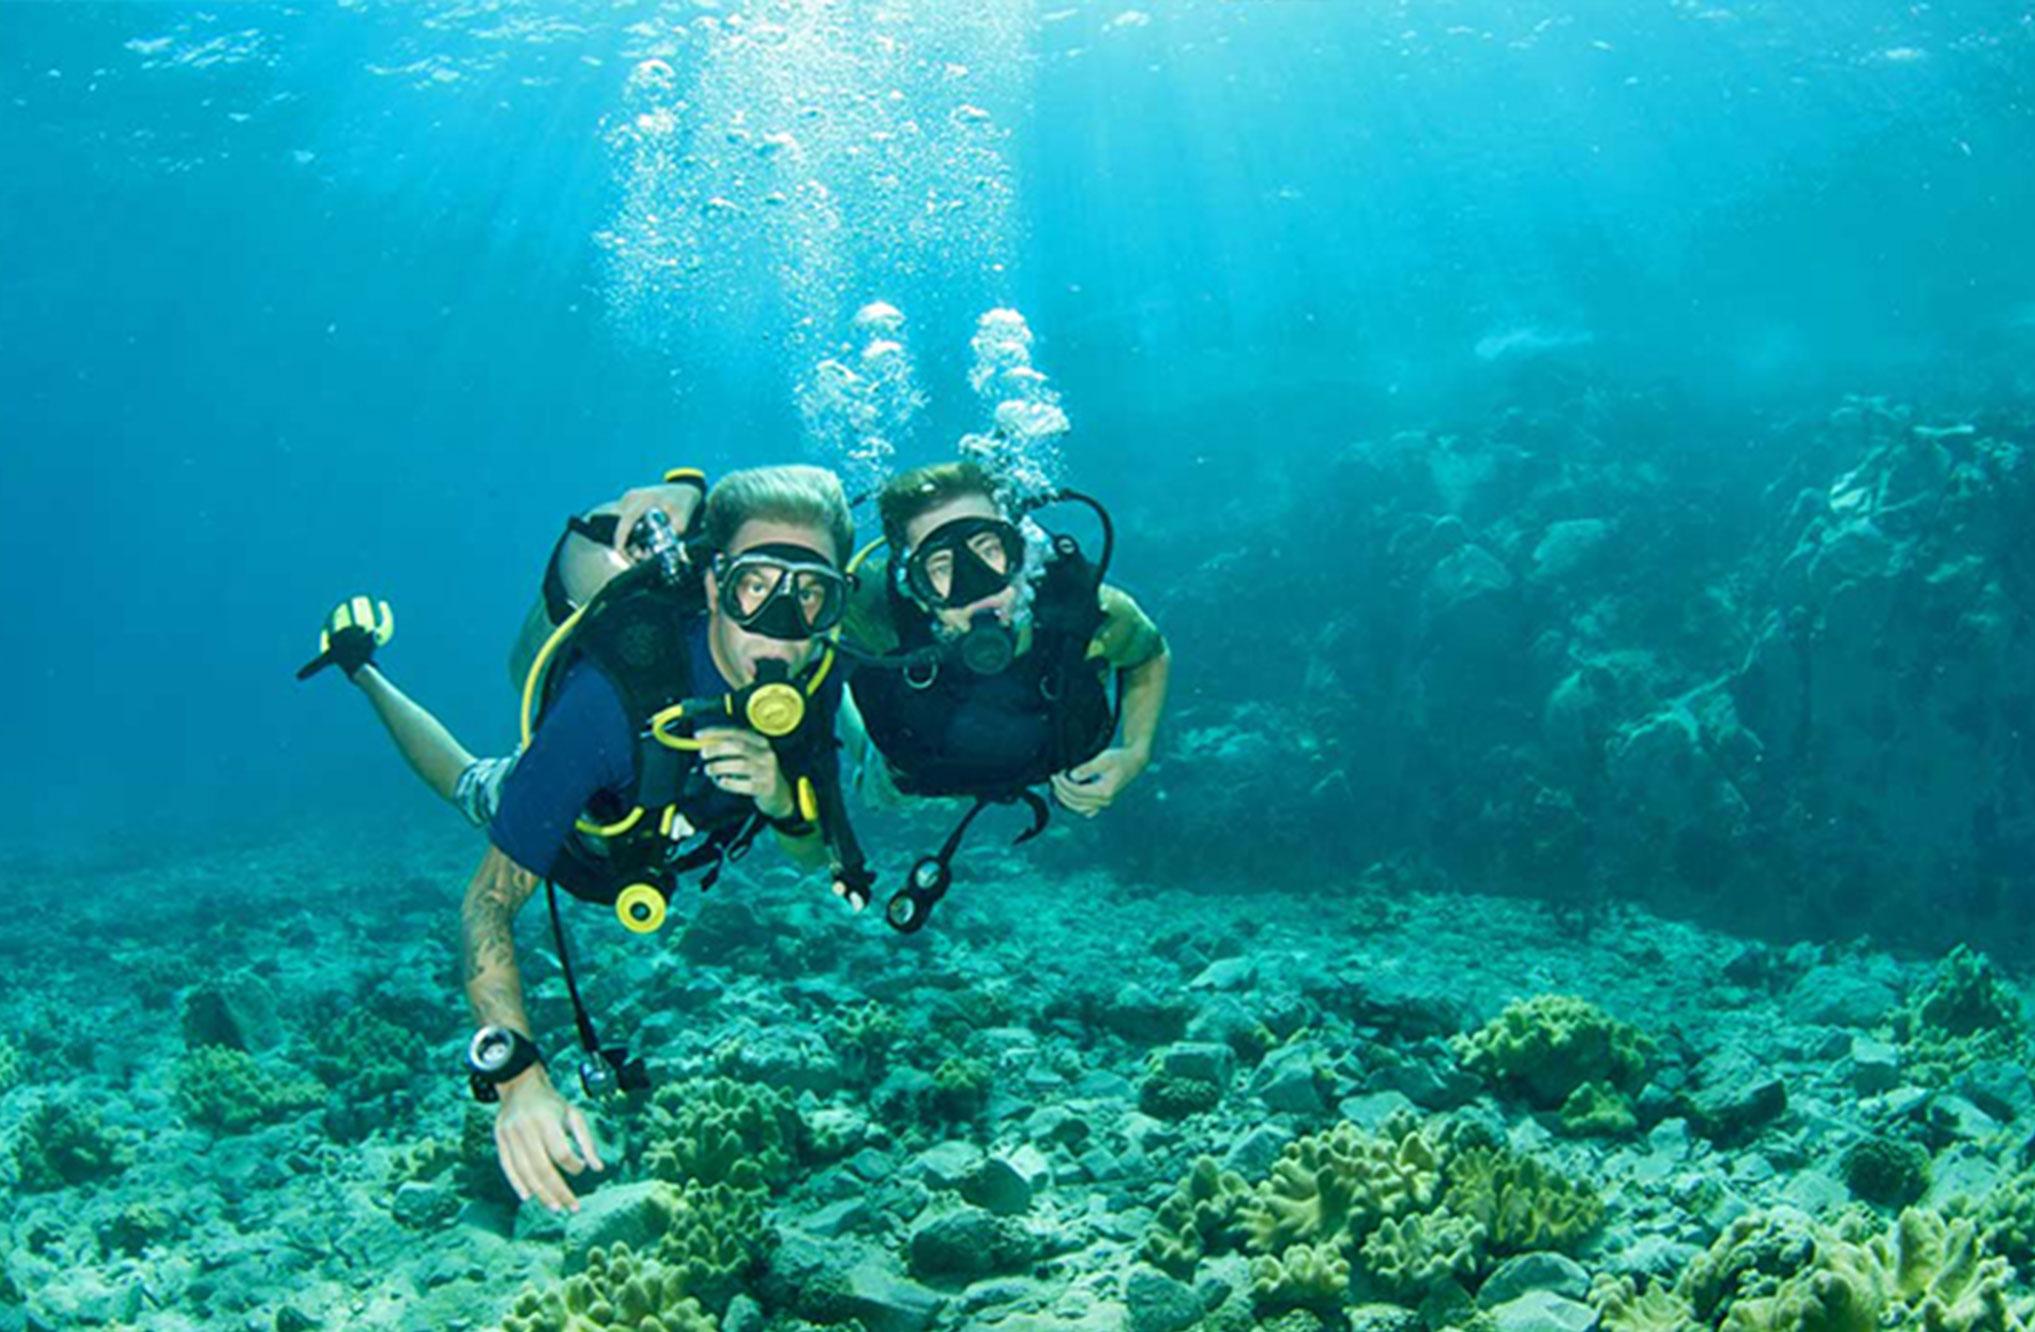 浅浮面罩和呼吸管